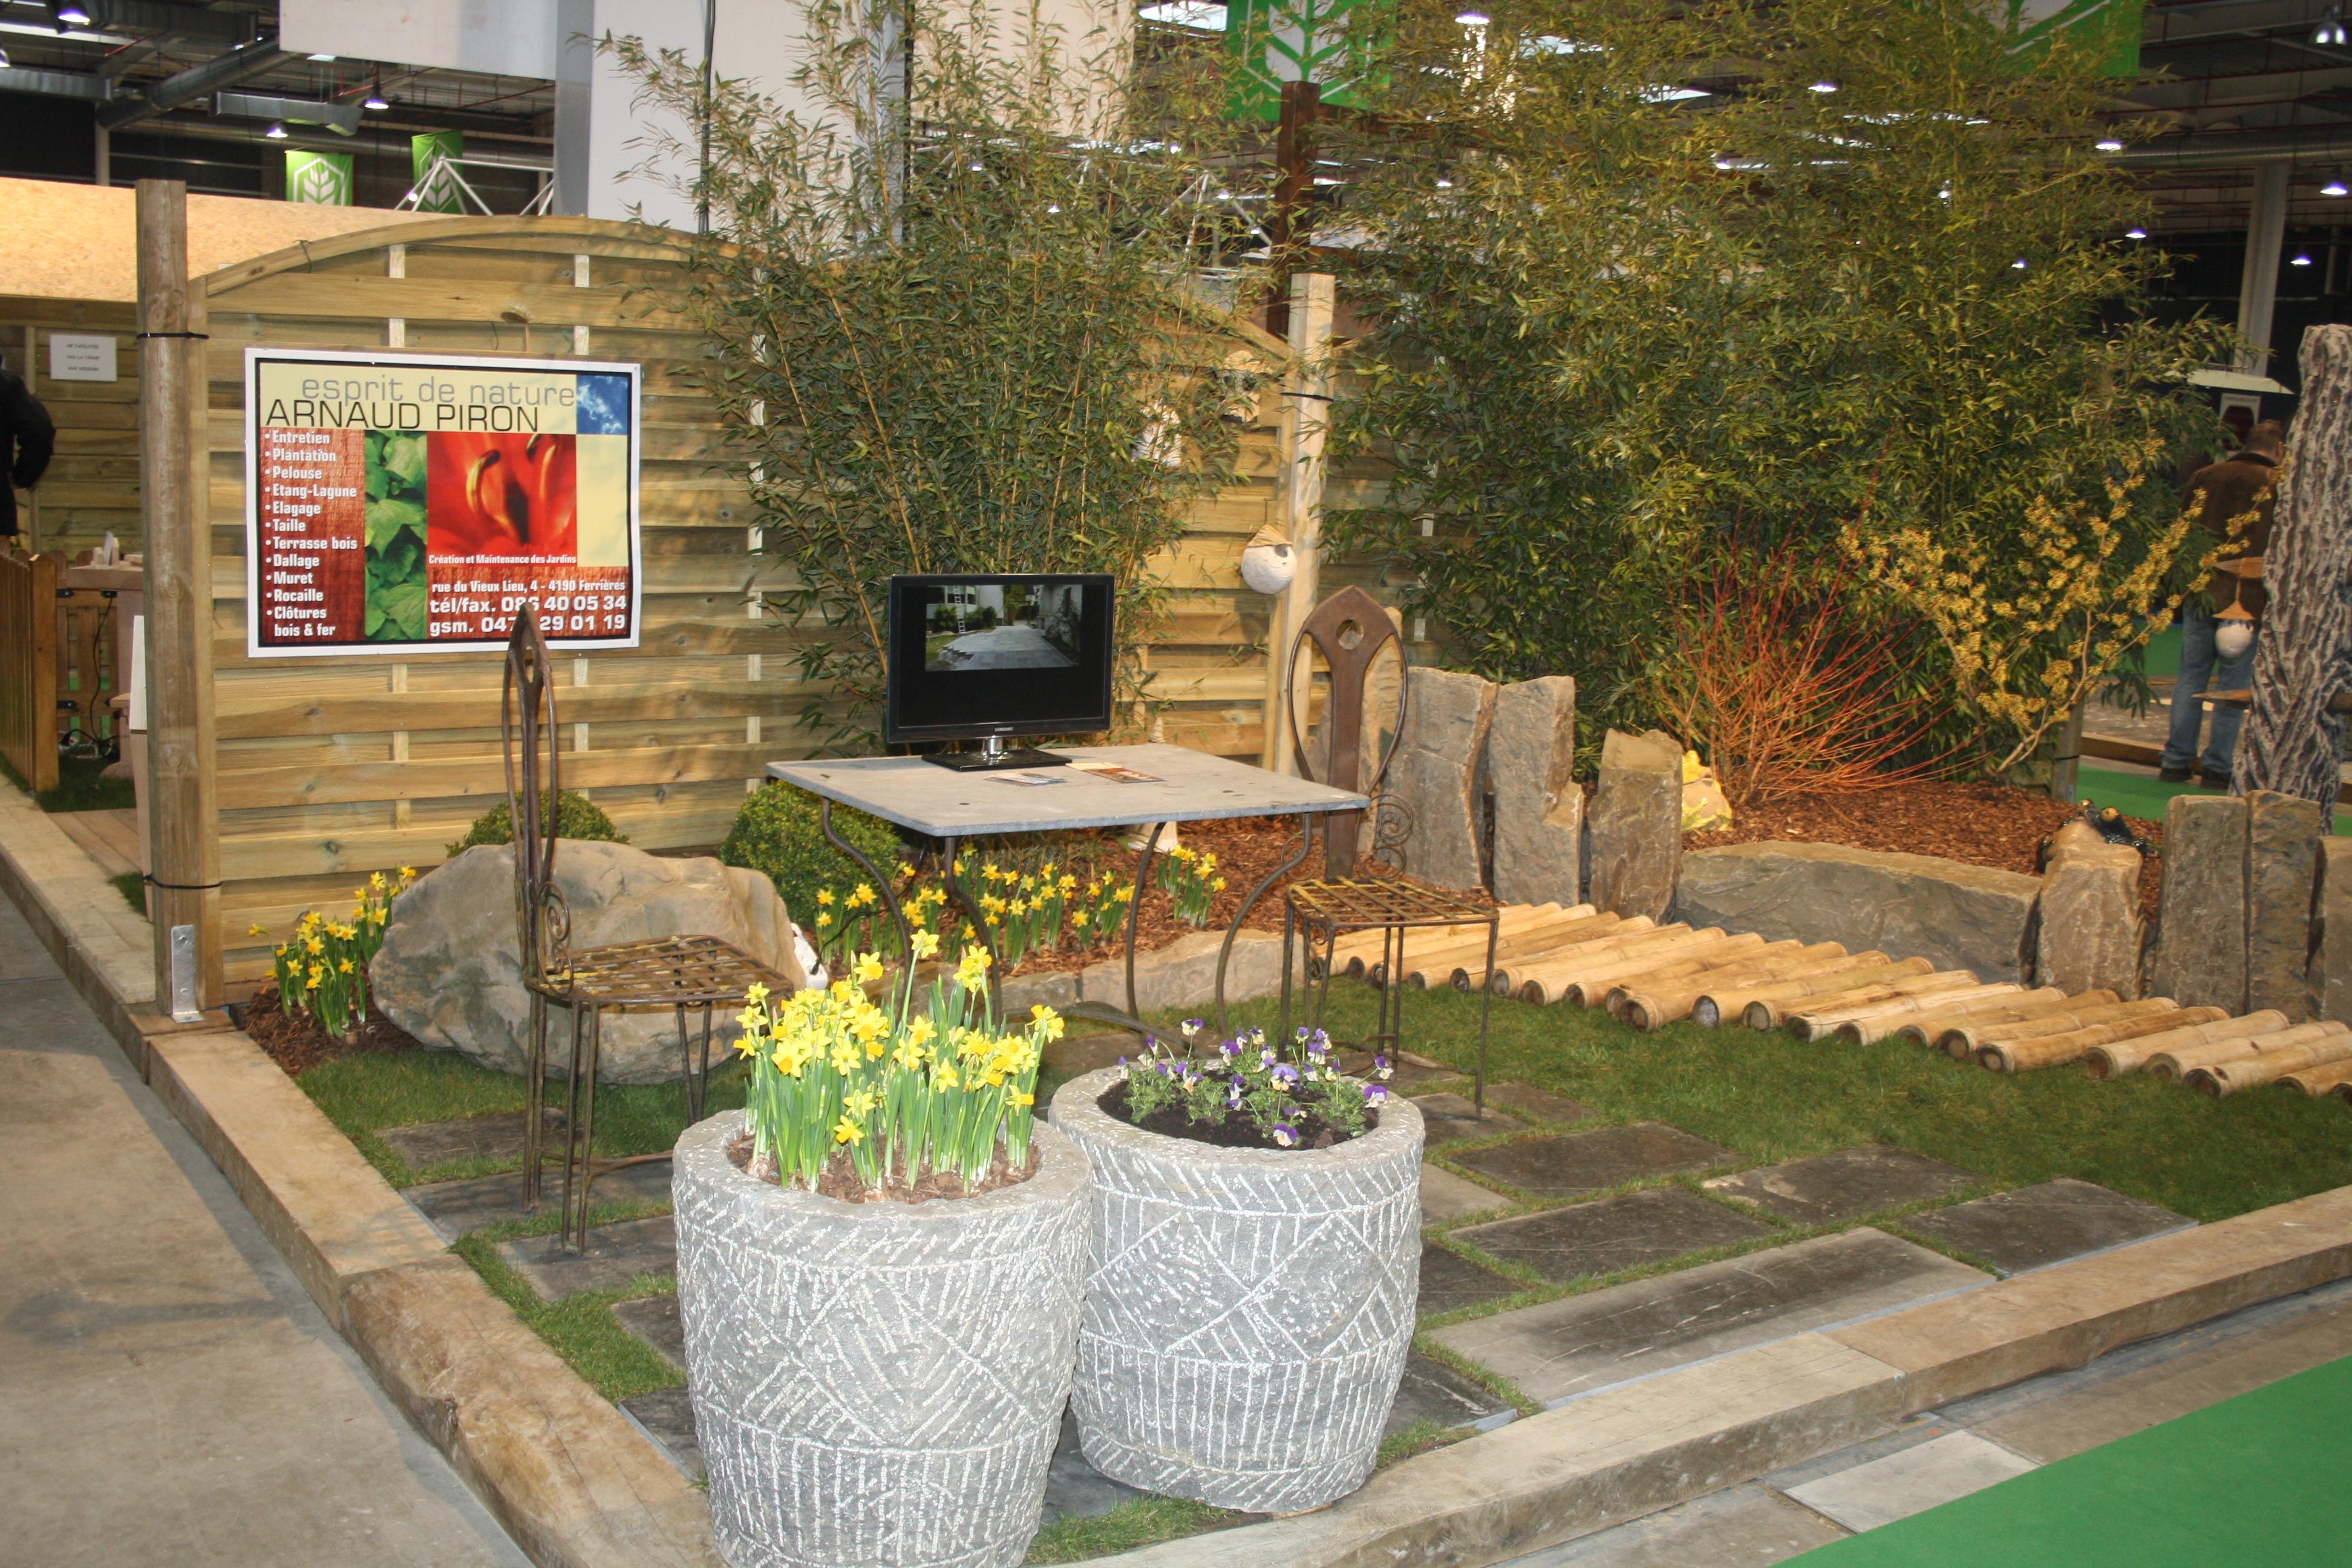 jardin expo2013 106.jpg